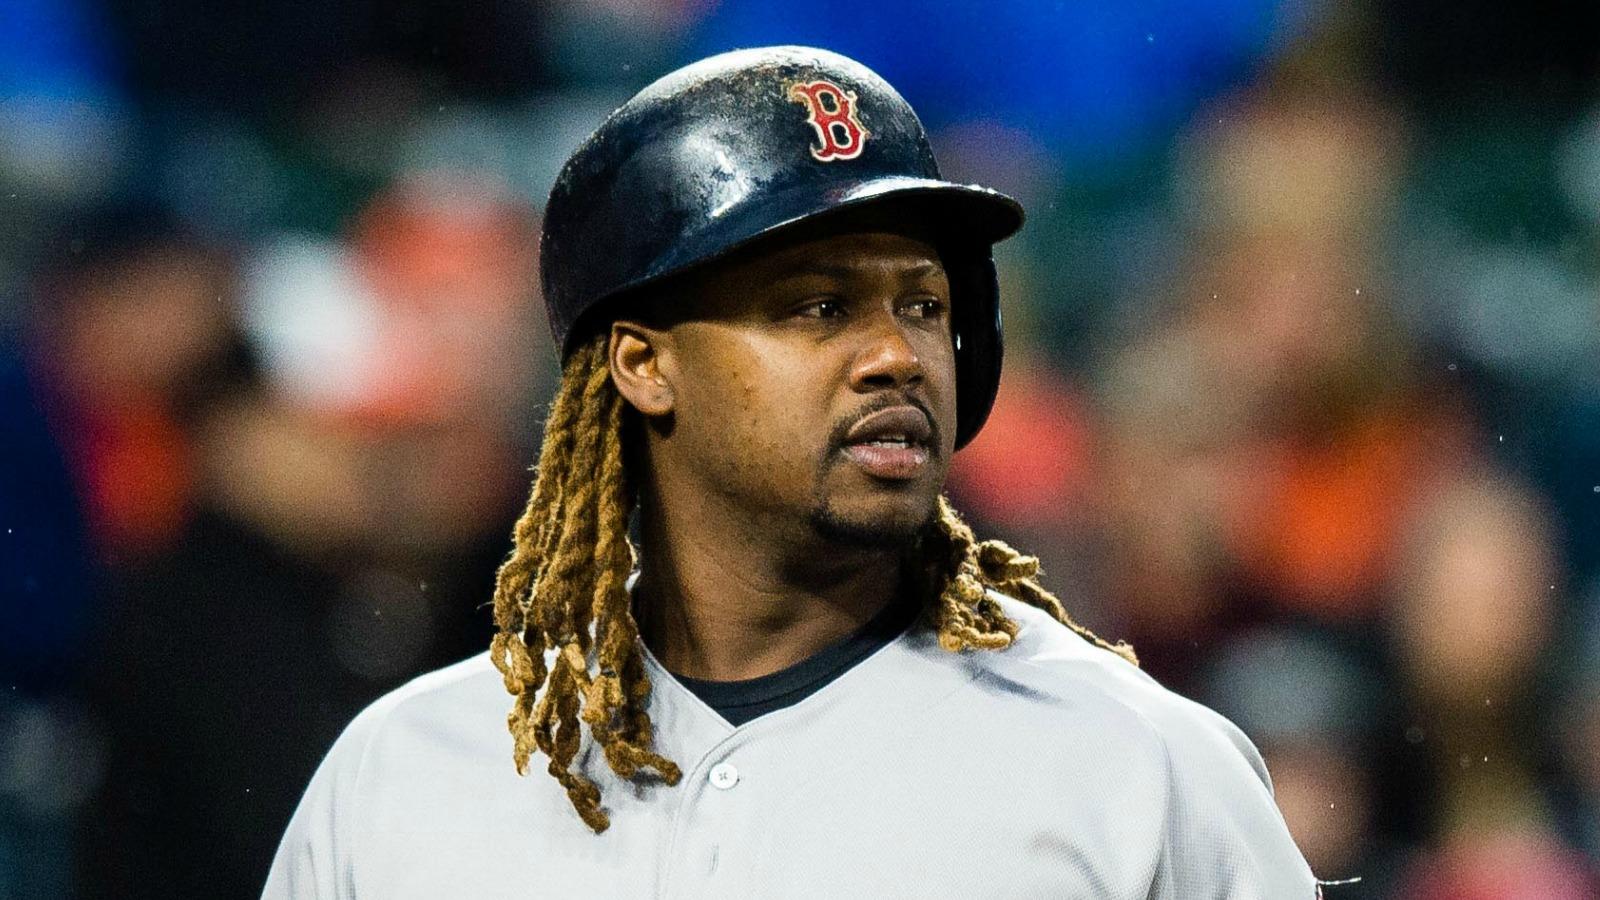 042817-MLB-HanleyRamirez-PI